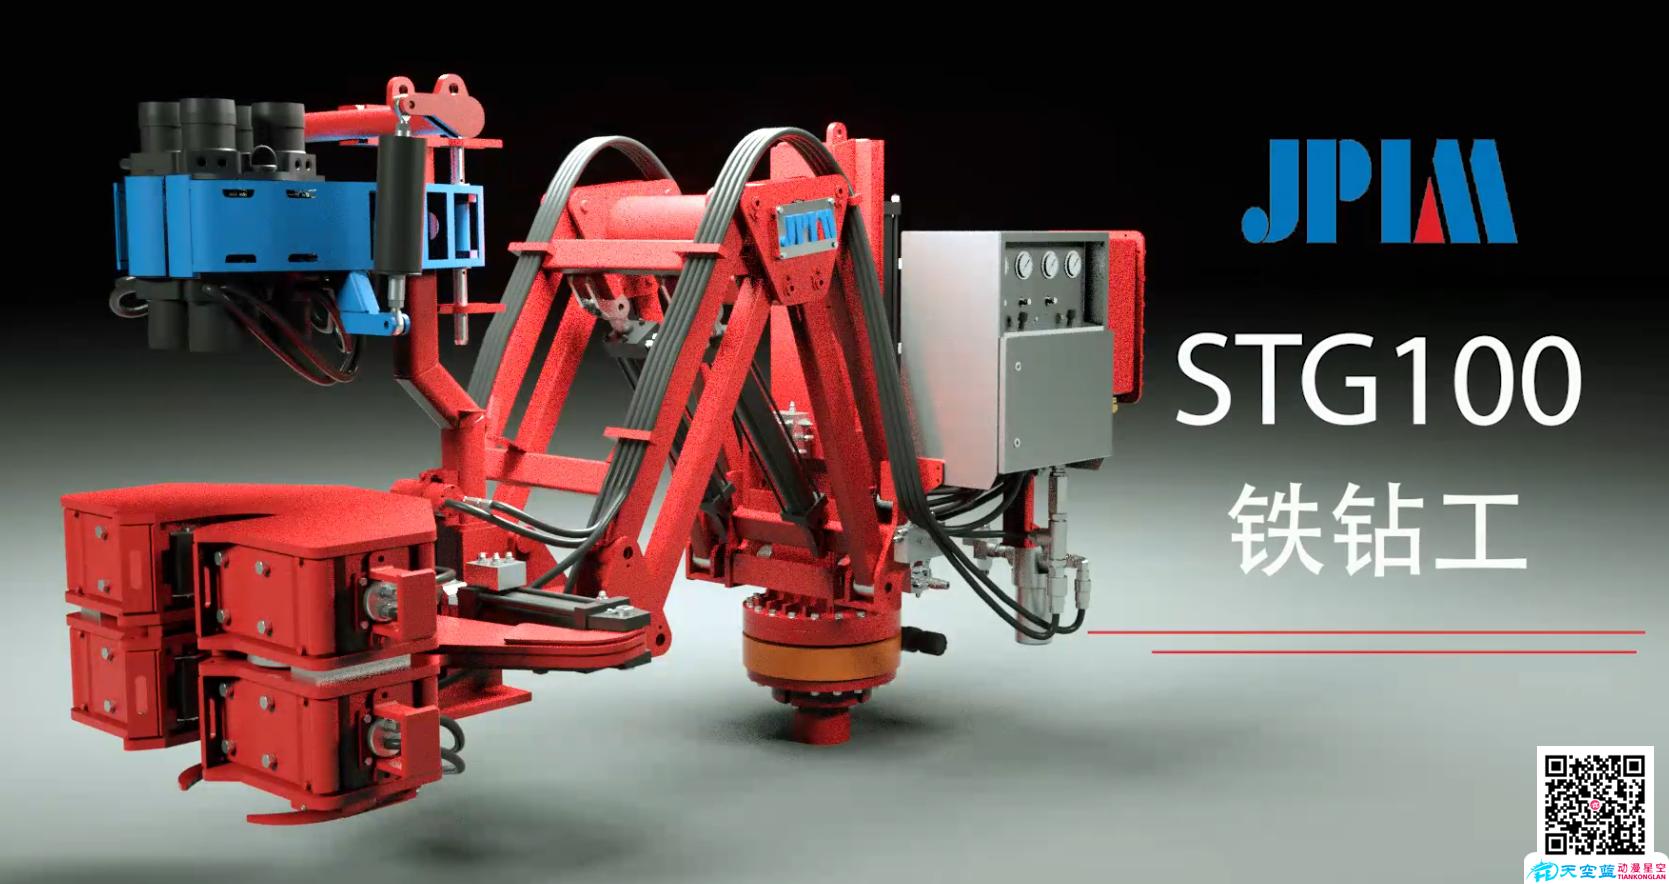 江汉仪器《STG型铁钻工》三维工业仿真机械动画制作